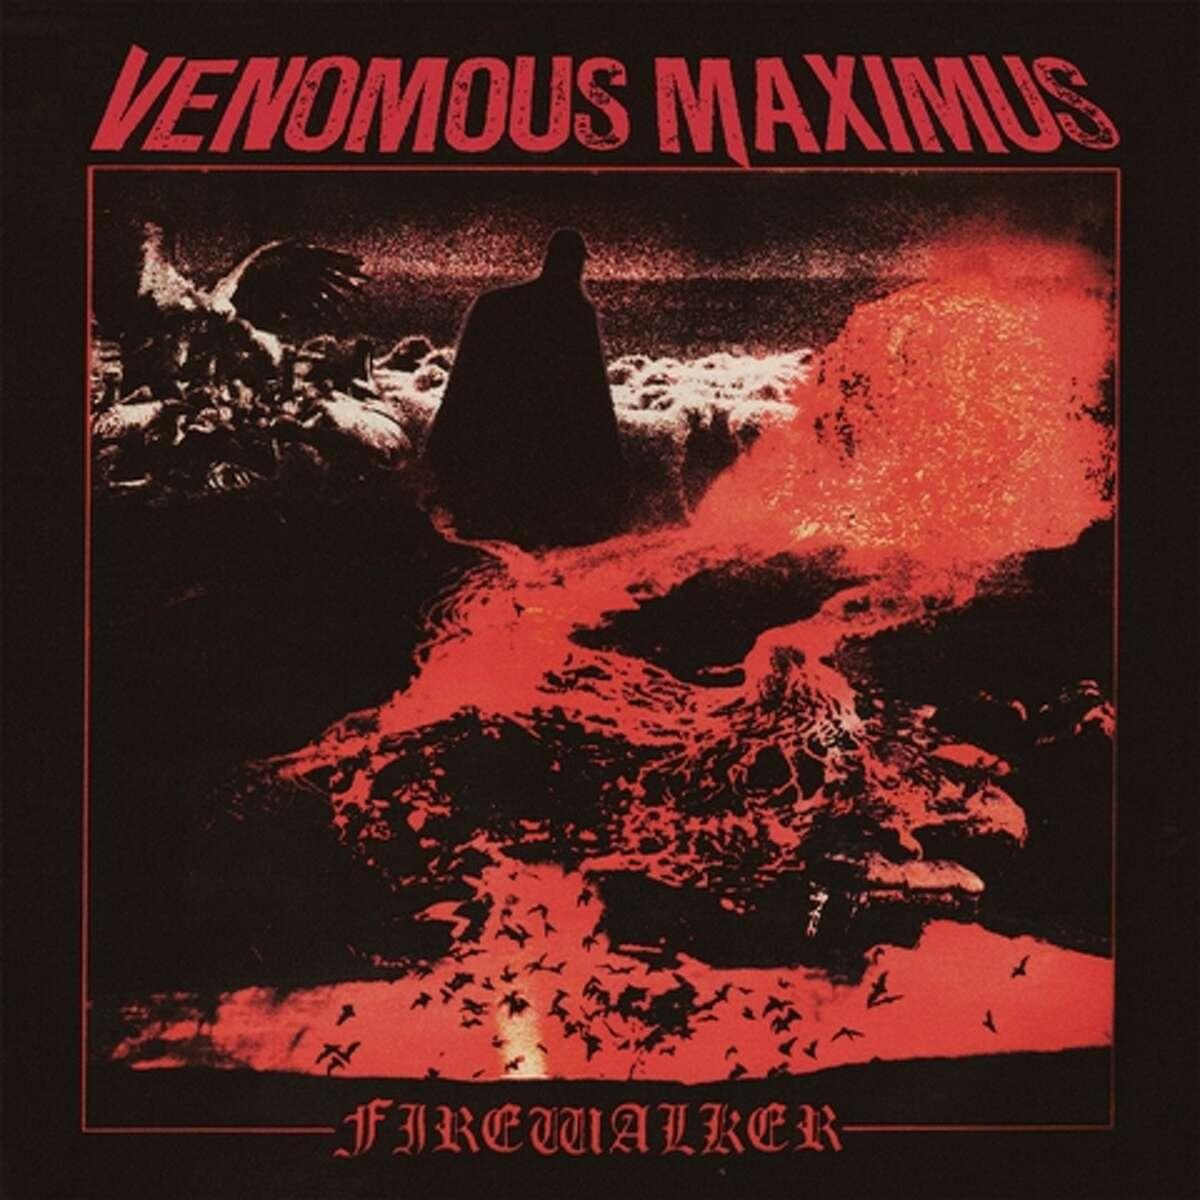 Cover of Venomous Maximus album Firewalker